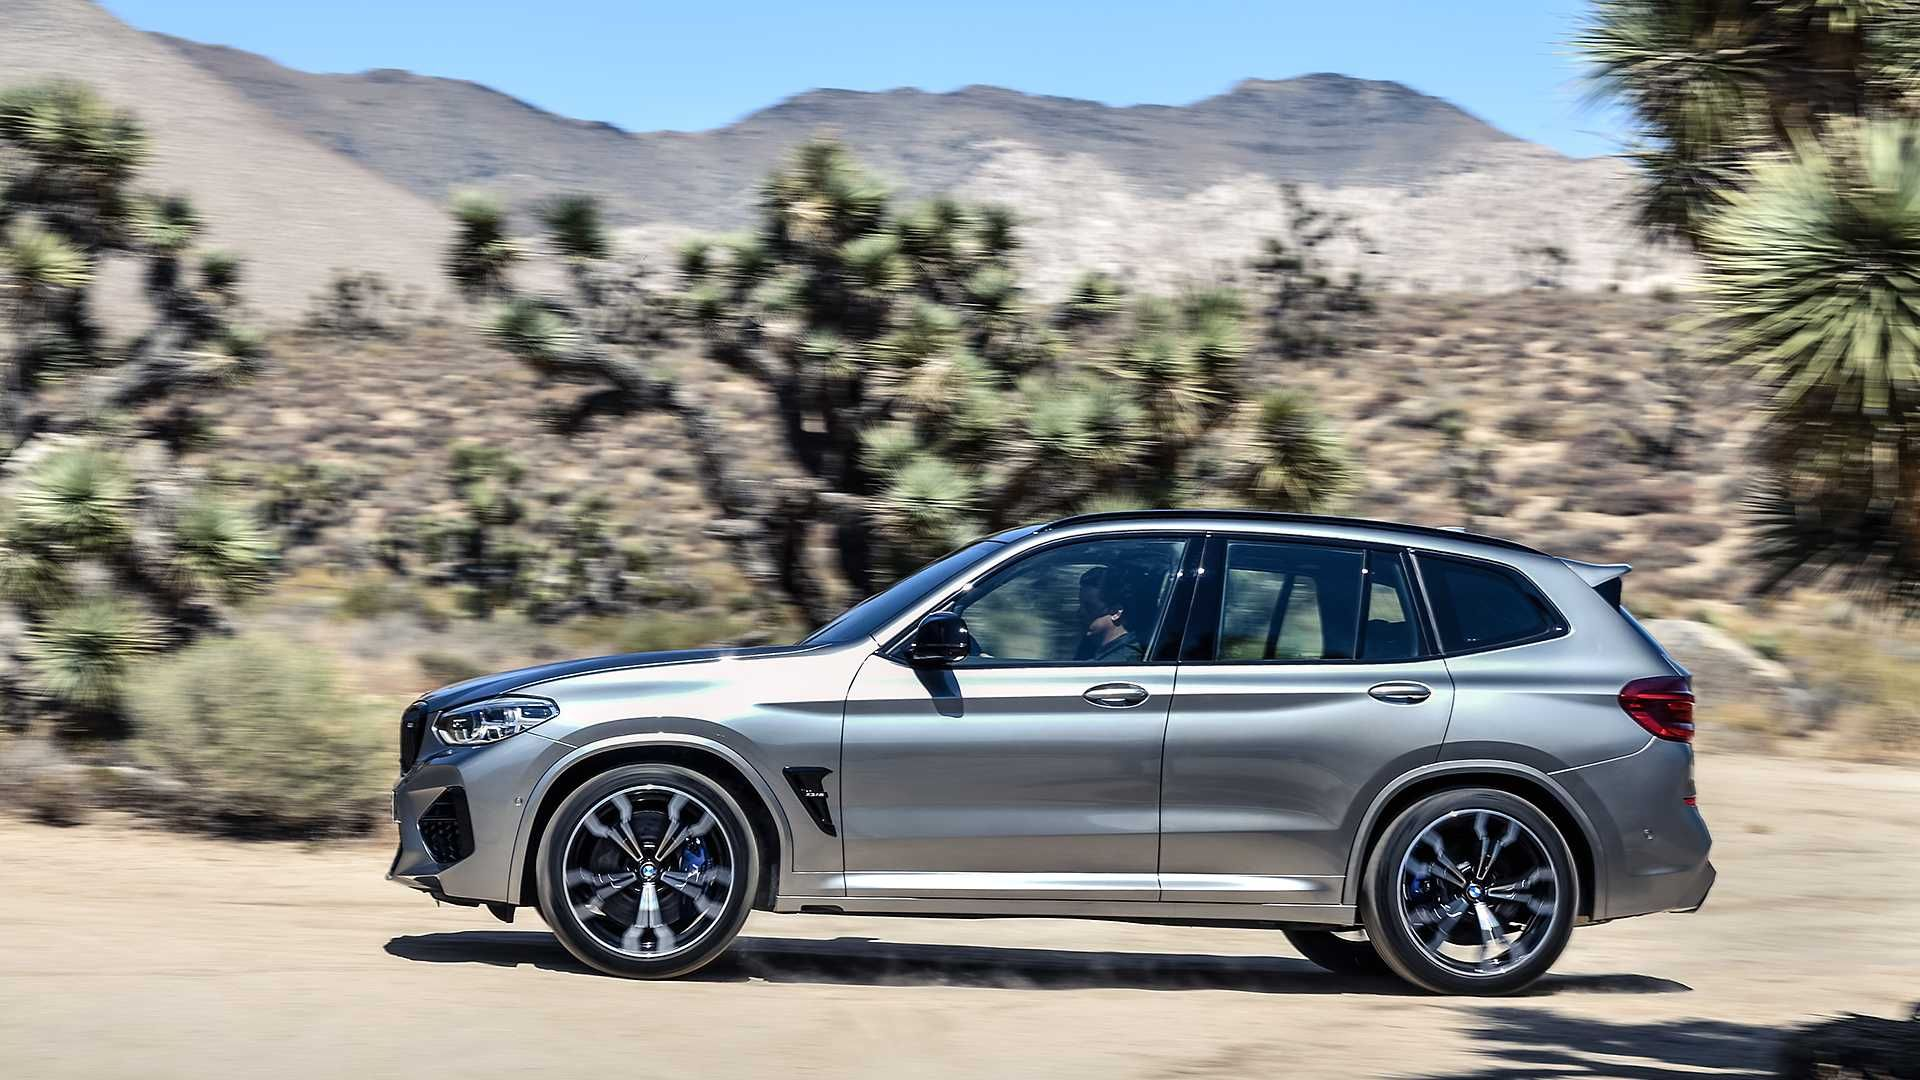 BMW X3 M та X4 M Competition 2020 представлені офіційно на заздрість усім суперникам